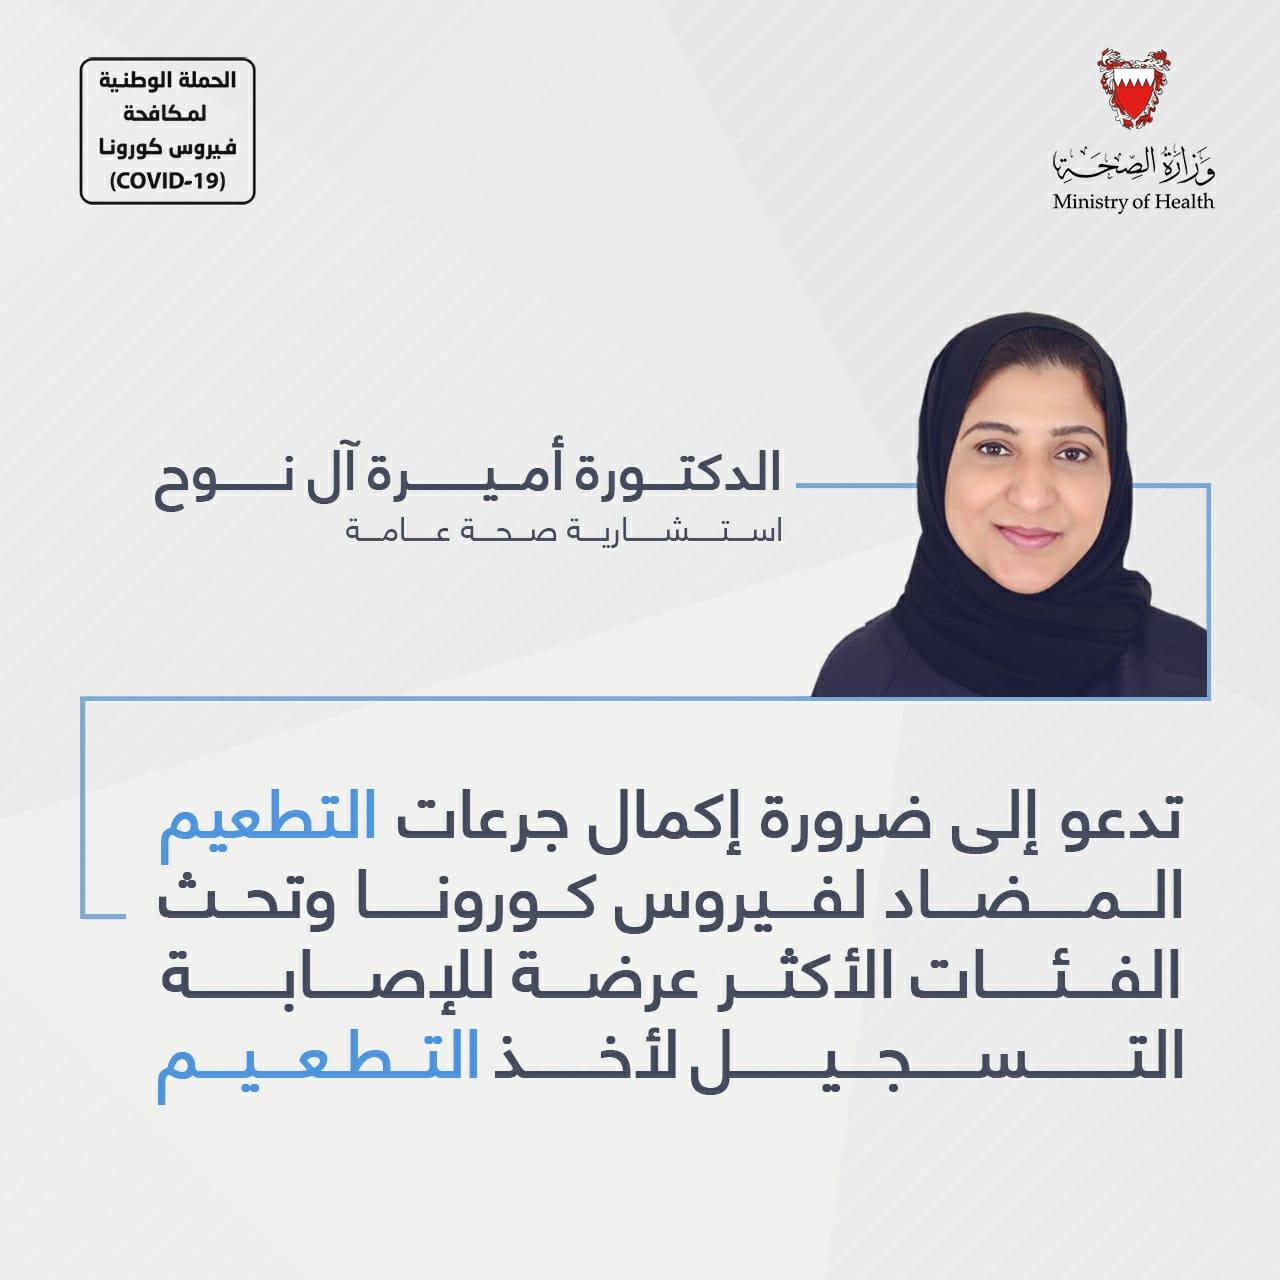 د. أميرة آل نوح تدعو إلى ضرورة إكمال جرعات التطعيم المضاد لفيروس كورونا وتحث الفئات الأكثر عرضة للإصابة التسجيل لأخذ التطعيم